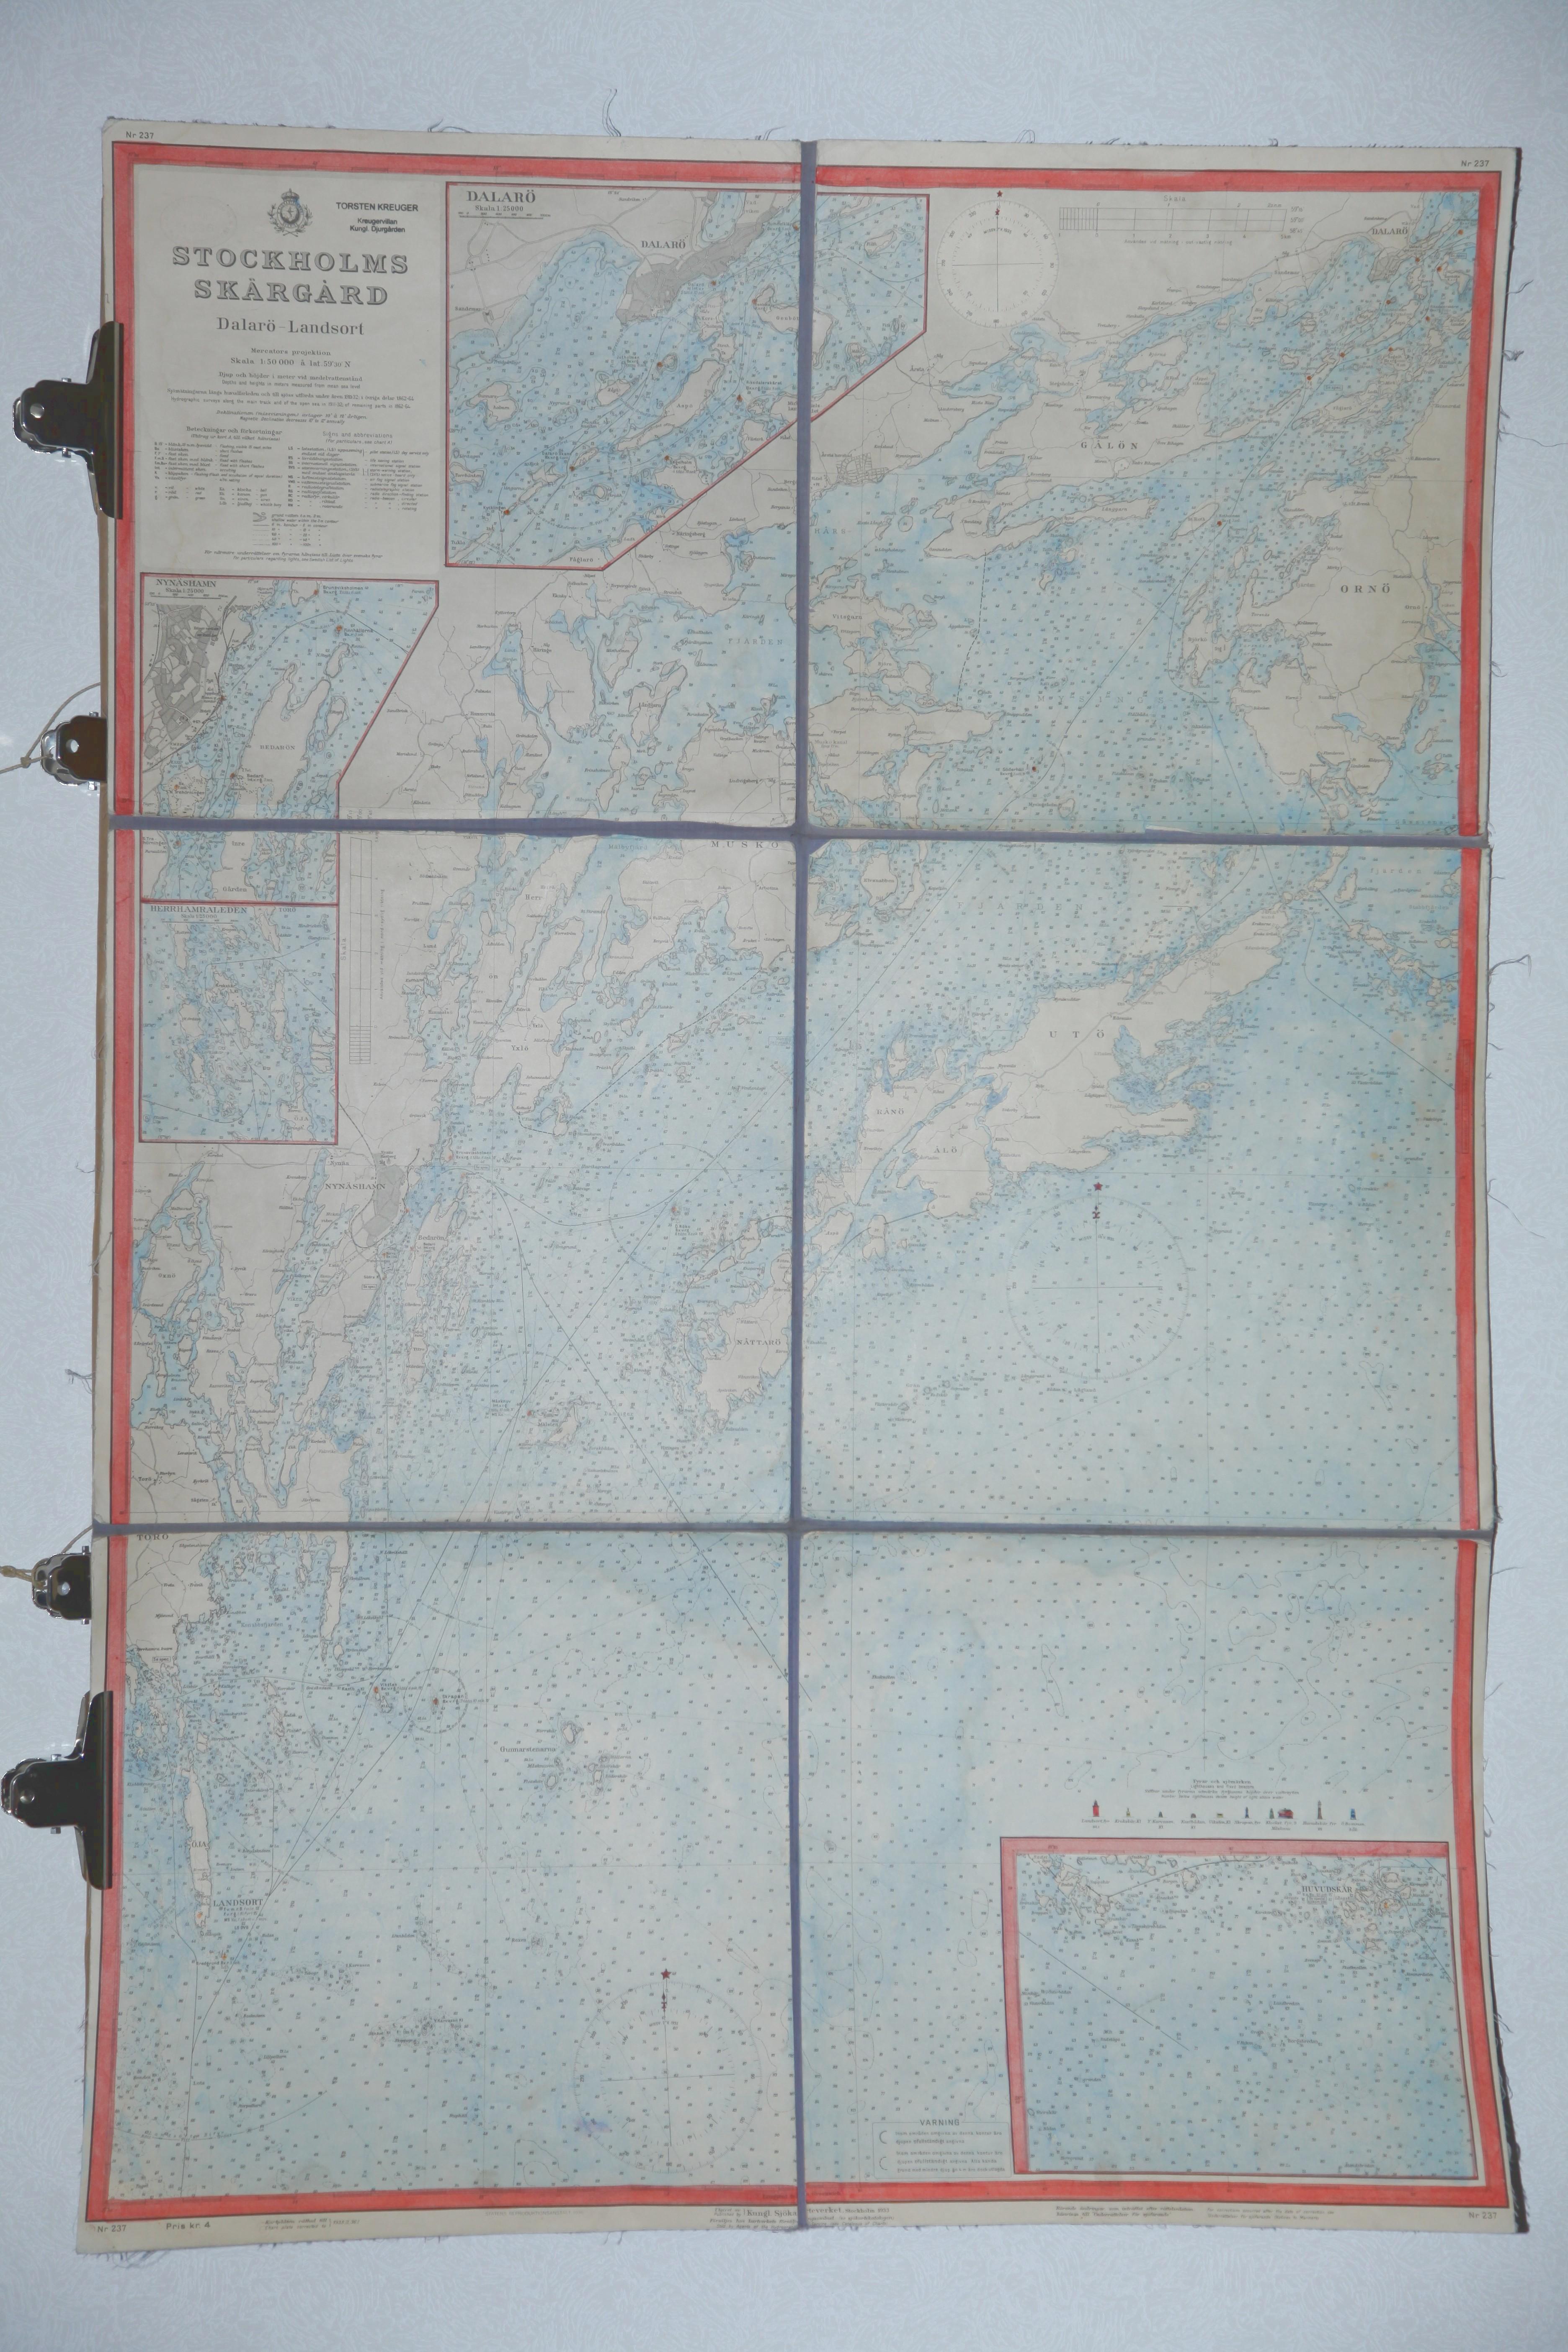 karta stockholms mellersta skärgård